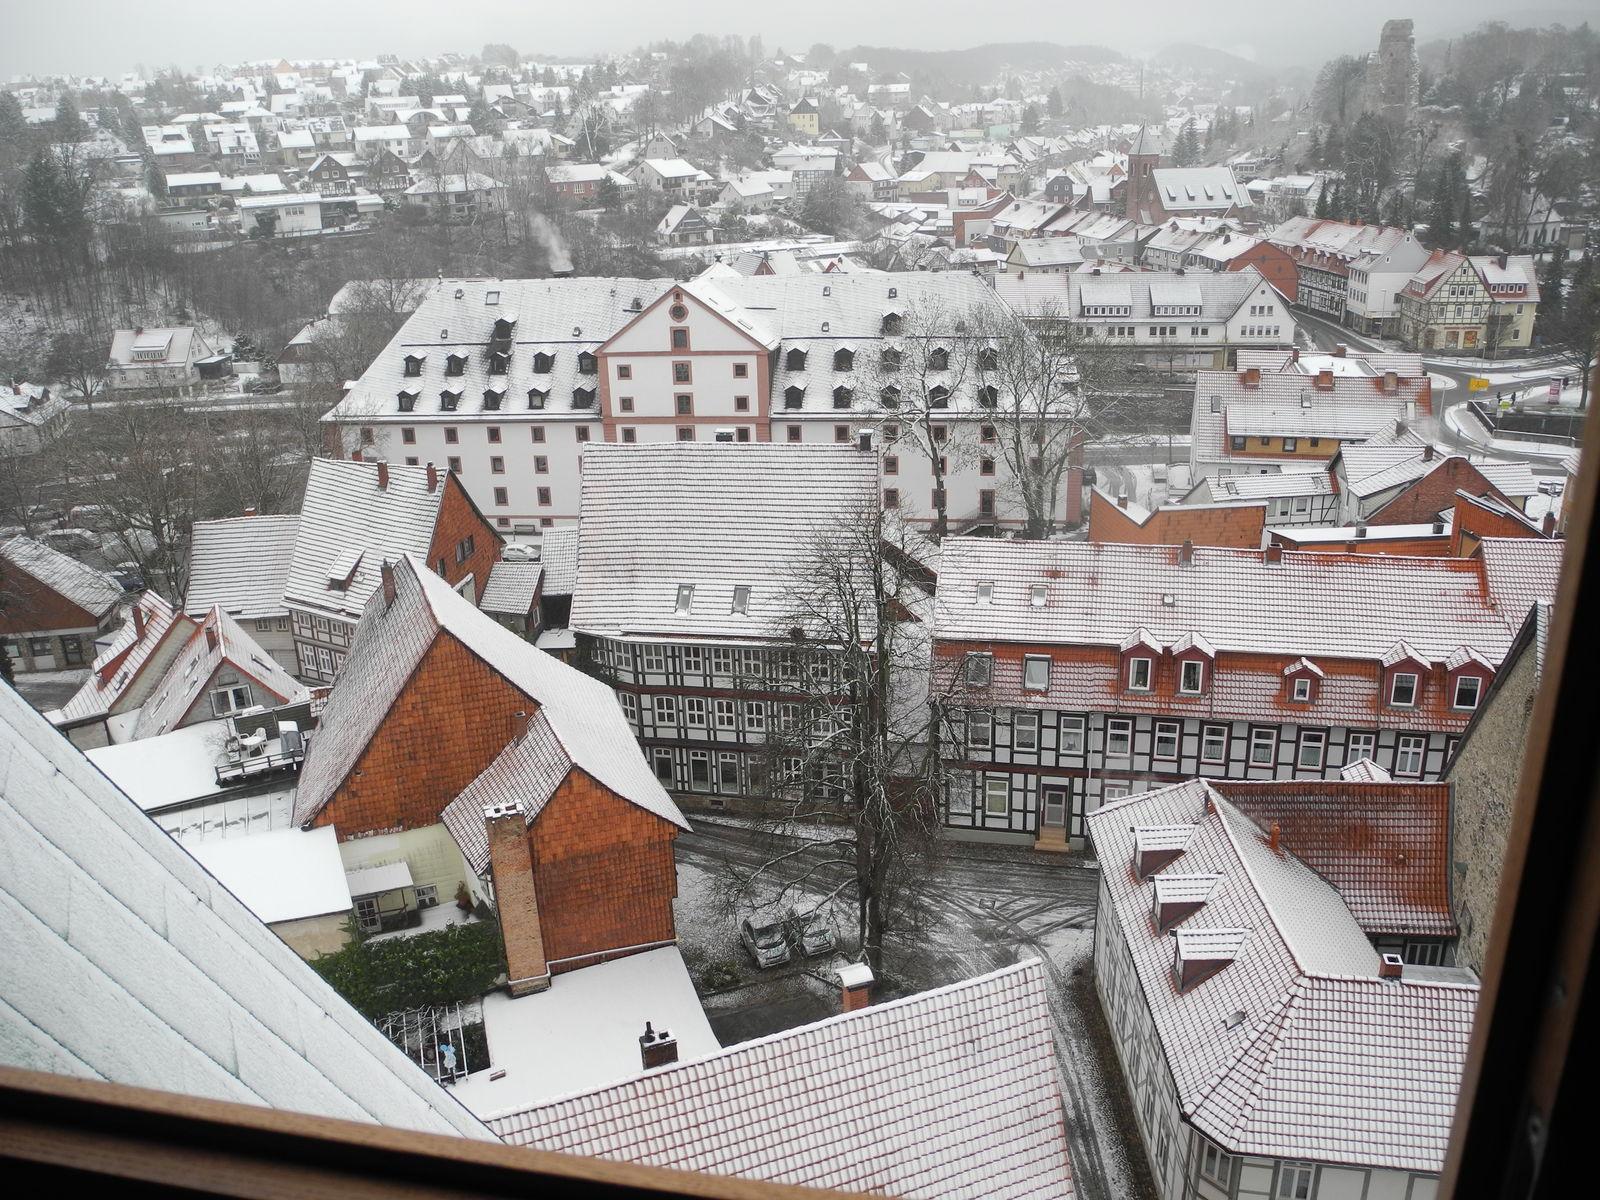 Stadtführung Osterode am Harz mit Kirchturmbesteigung - Blick auf das Osteroder Kornmagazin